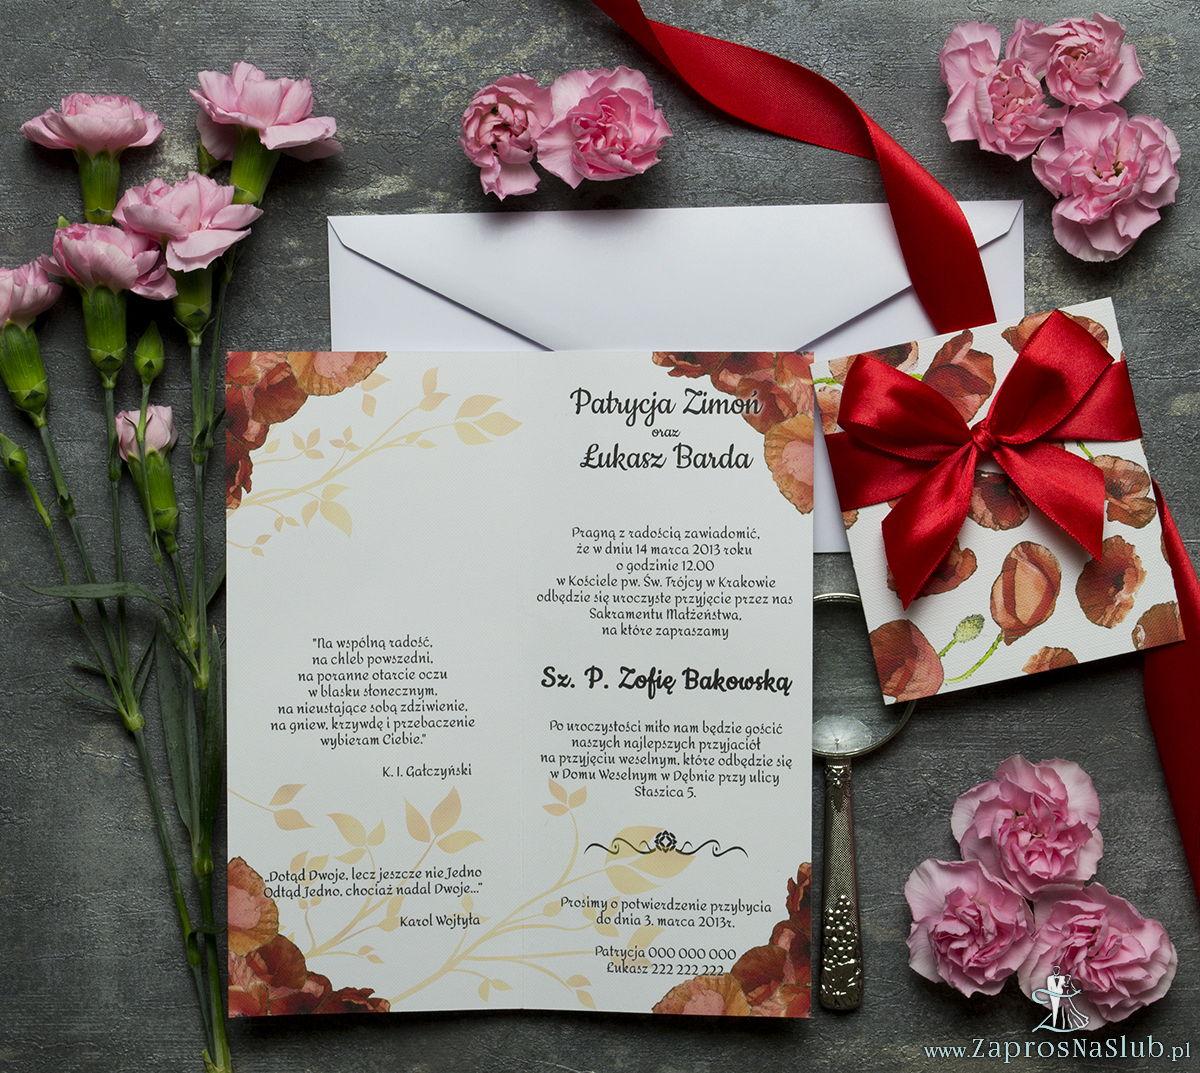 Niebanalne kwiatowe zaproszenia ślubne. Kwiaty - czerwone maki, czerwona wstążka i wnętrze wkładane w okładkę. ZAP-90-03